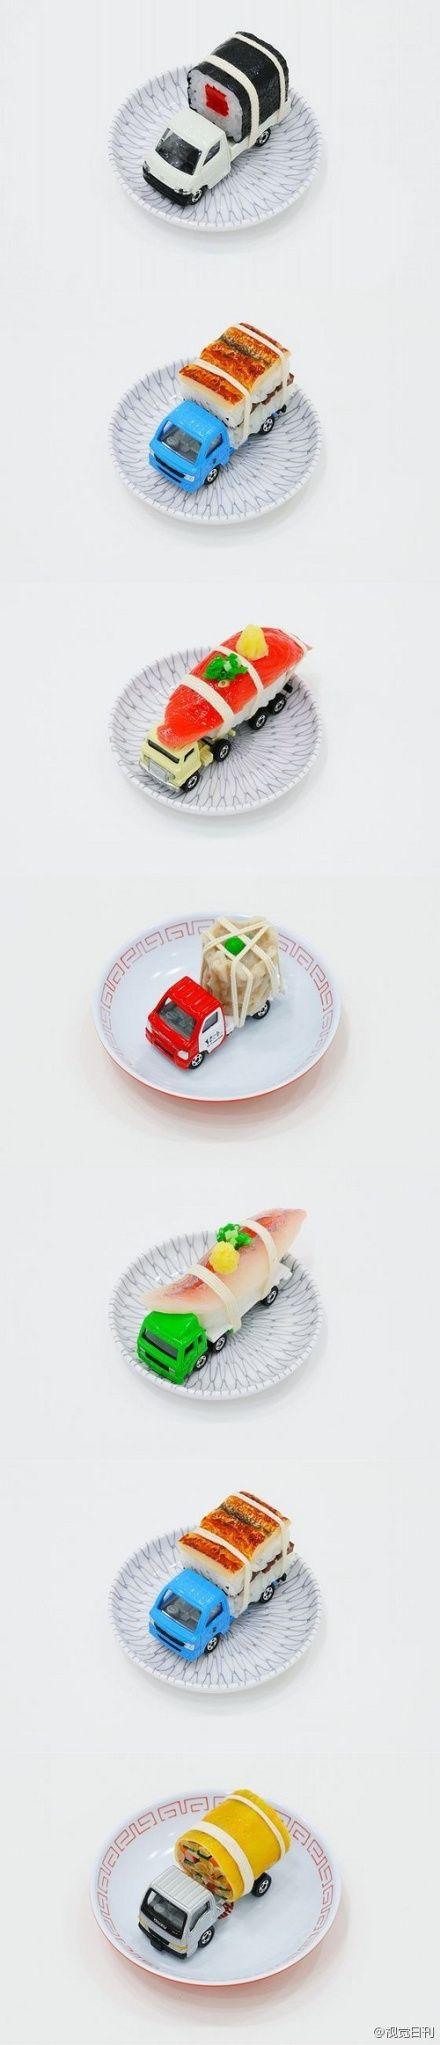 :『卡车寿司』日本Paramodel公司最近制作了一些卡车寿司,寿司装在这些小小的卡车模型中,不仅好吃还很好玩可爱。除了寿司之外,还有烧卖煎饺之类的小吃。可惜这个东西也是售价不菲,一辆卡车寿司要价270美元!